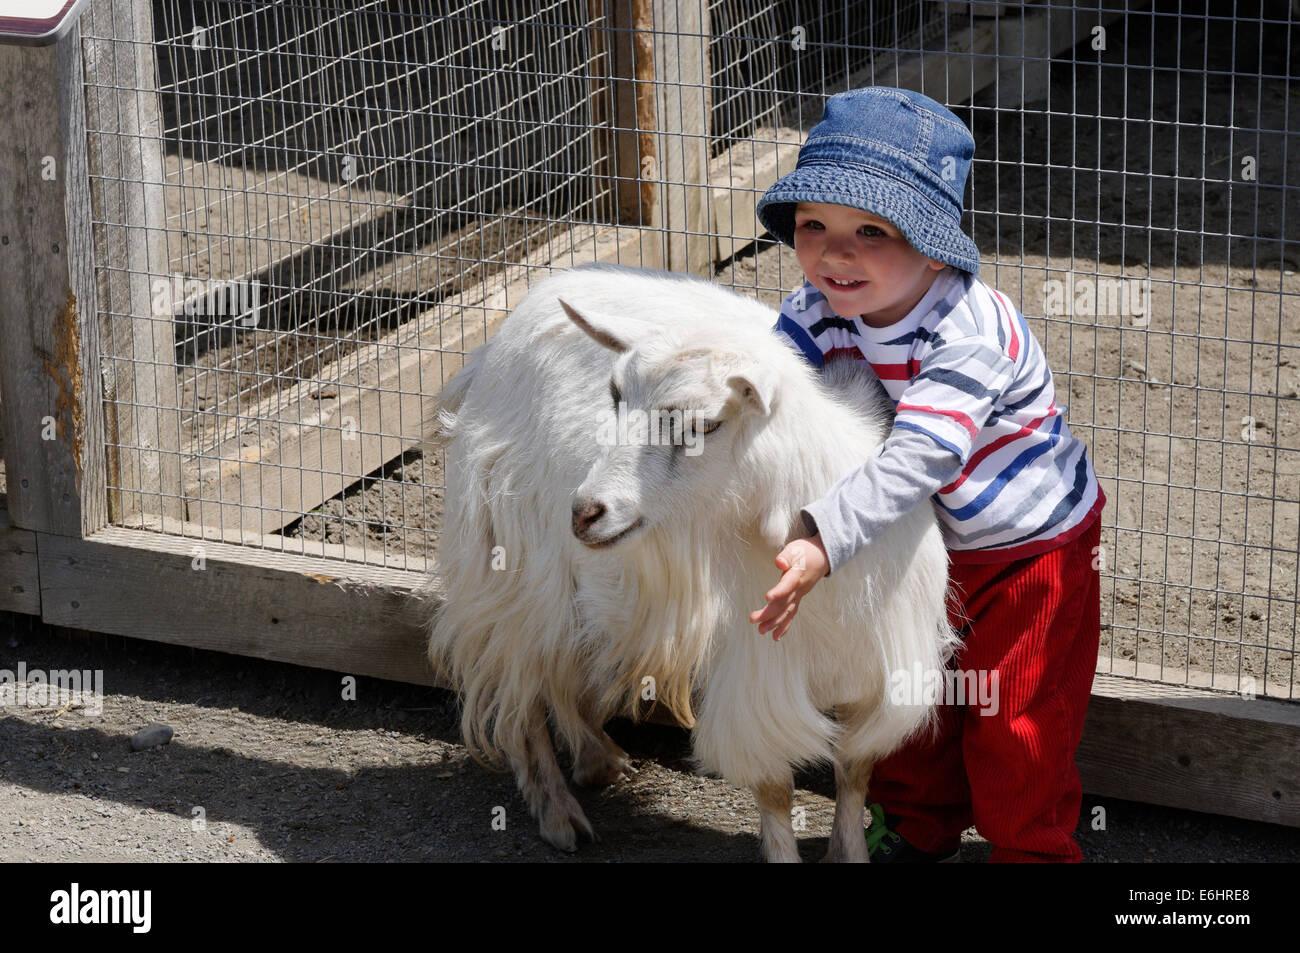 Un bel ragazzo giovane delightedly cuddling una capra su una fattoria degli animali Immagini Stock